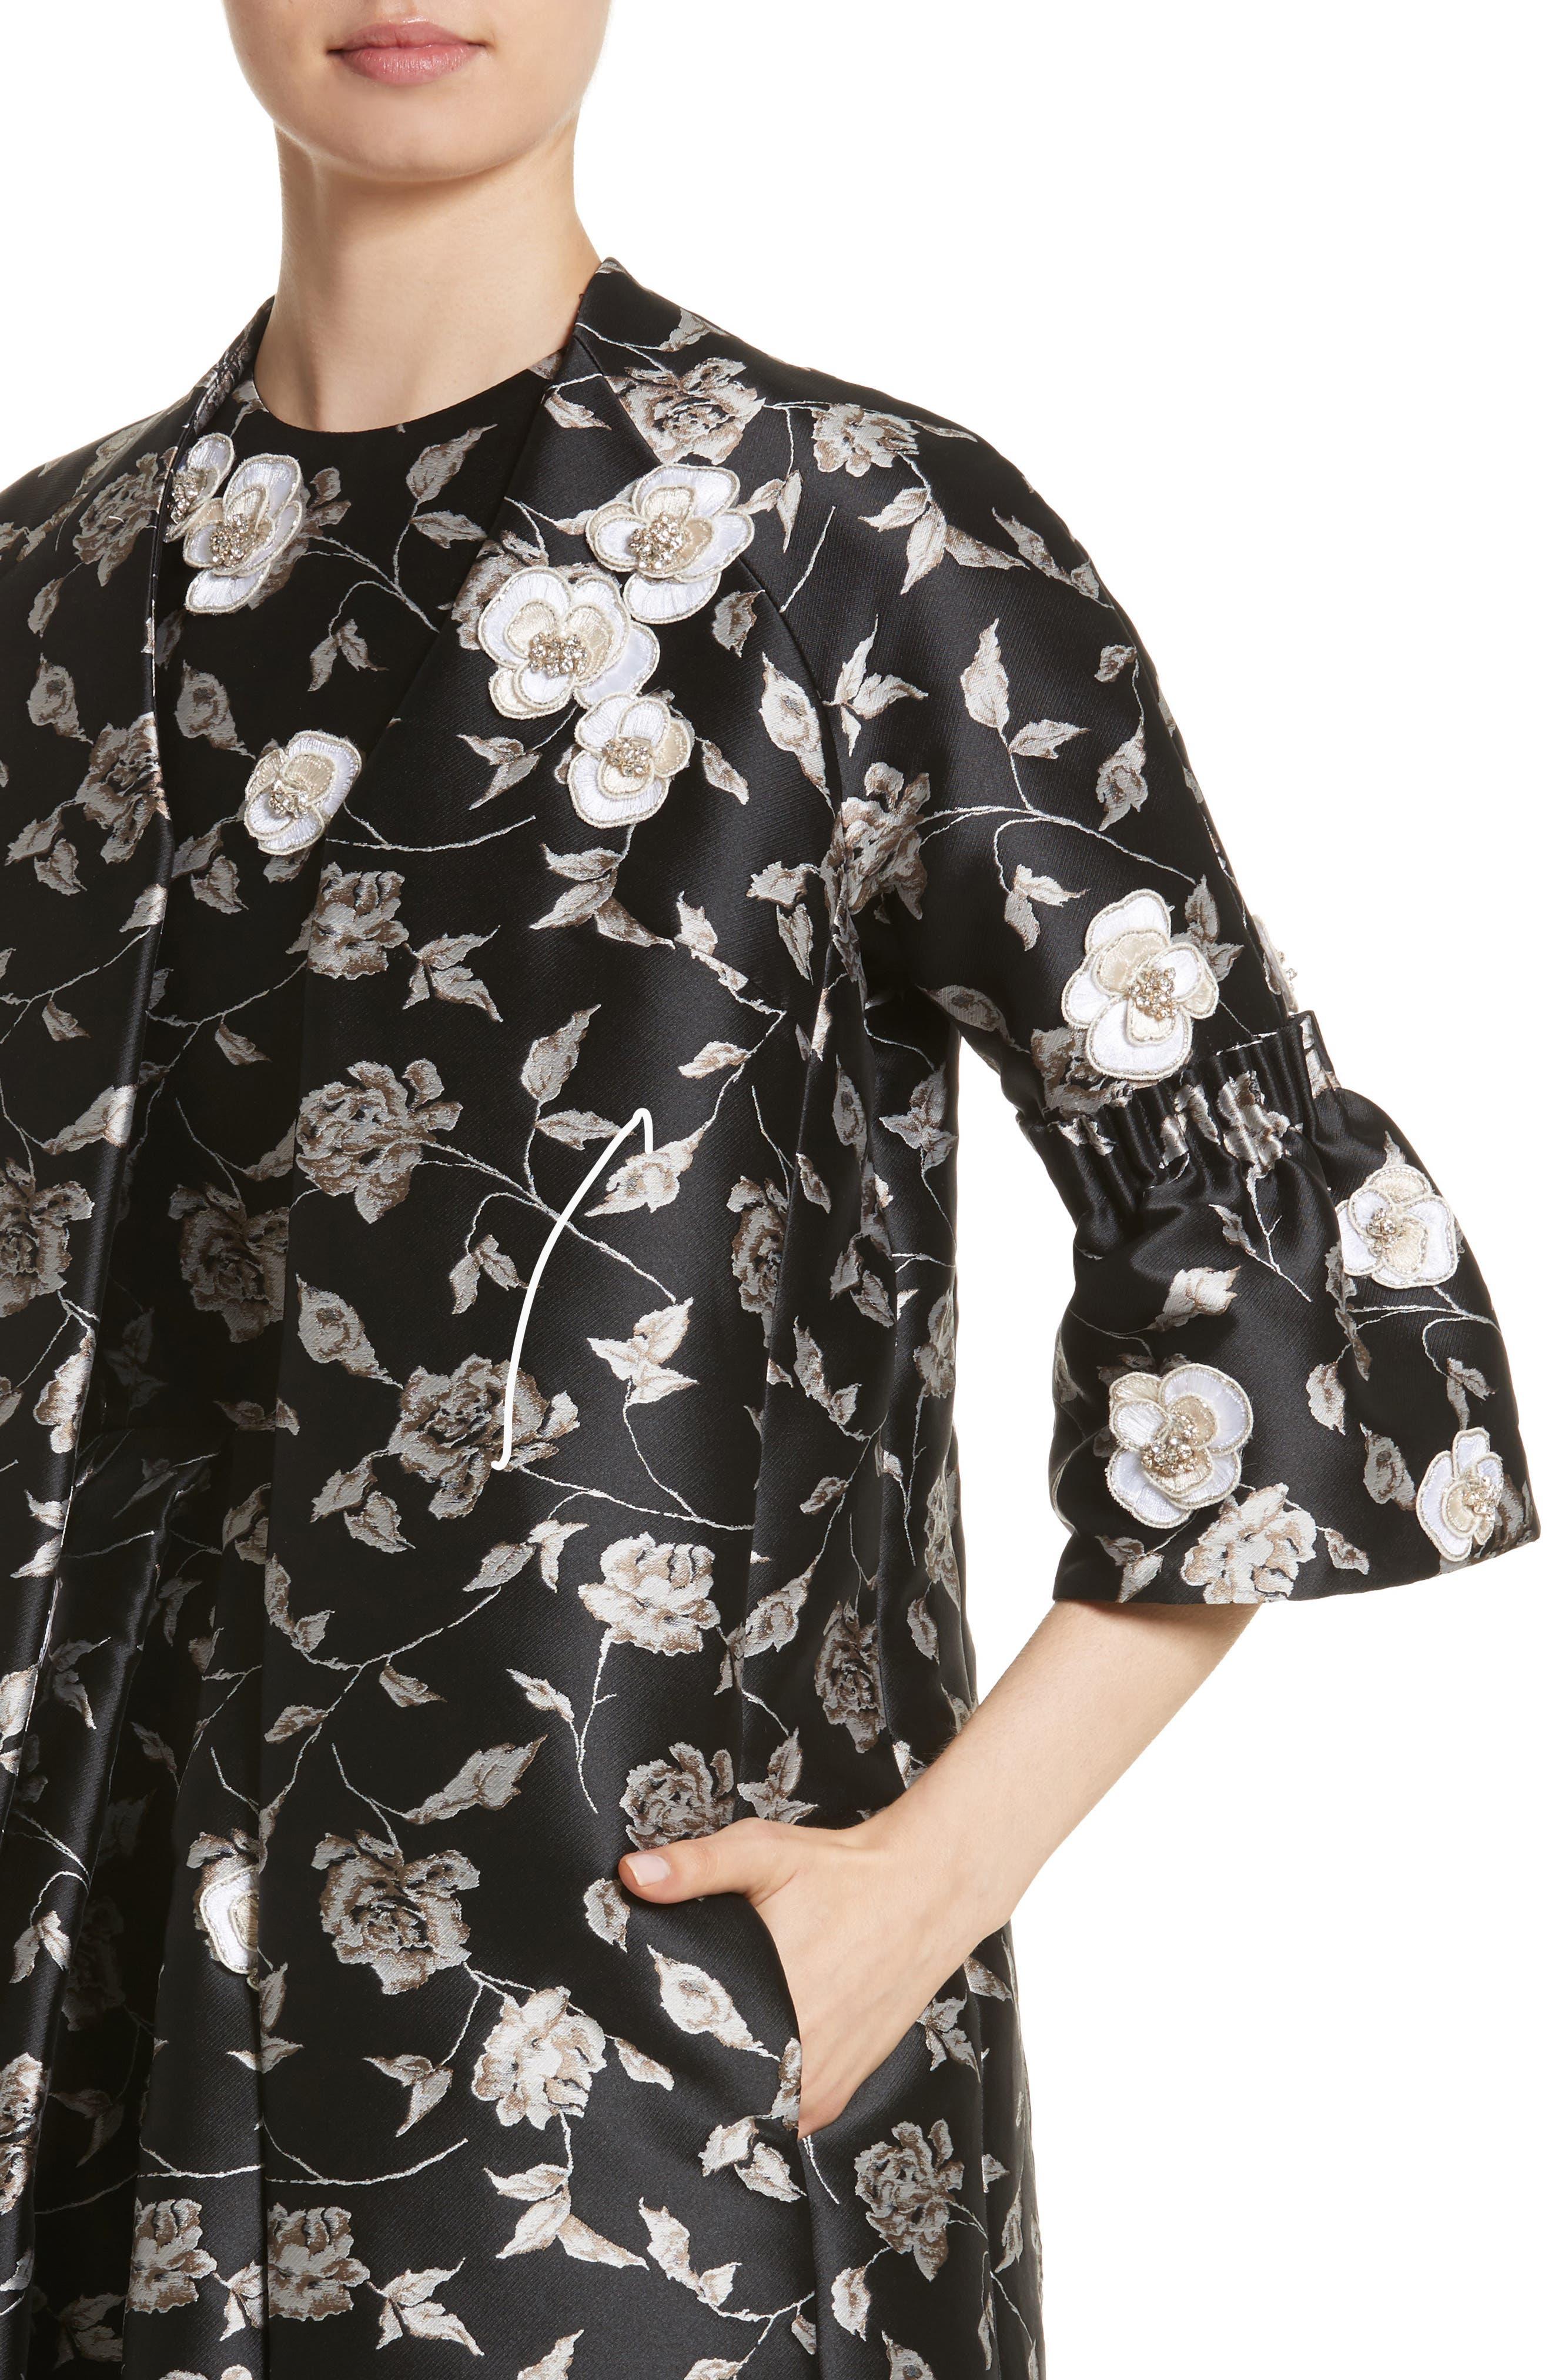 Carmen Marc Valvo Floral Jacquard Jacket,                             Alternate thumbnail 4, color,                             001